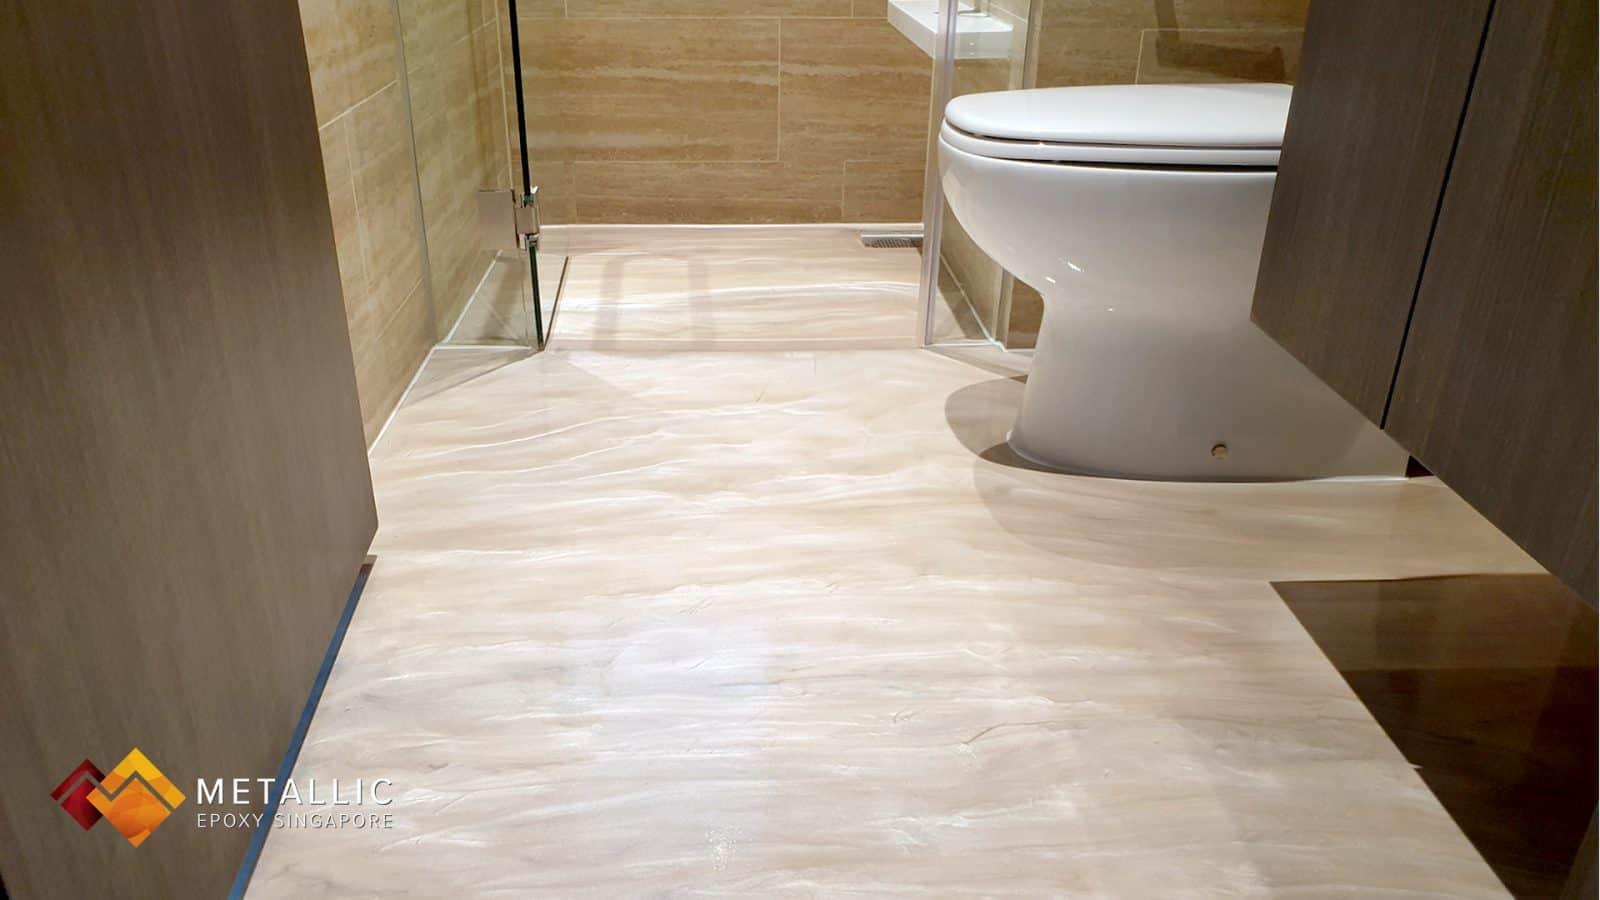 metallic epoxy wood bathroom floor